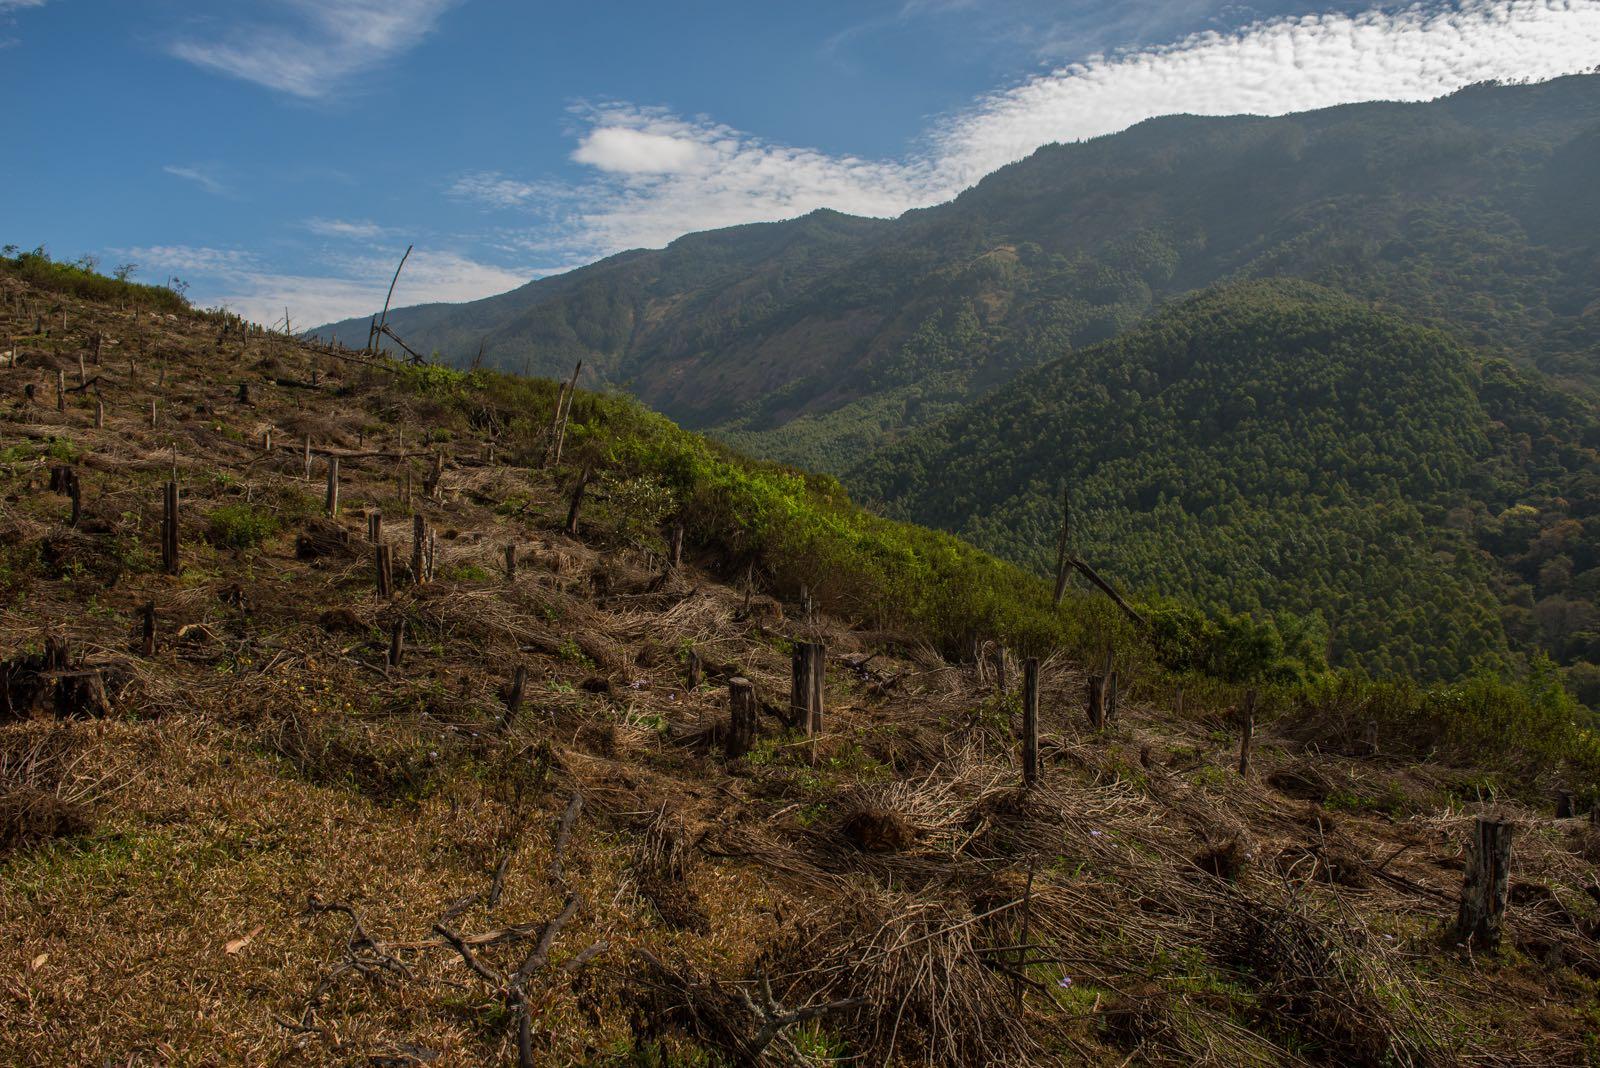 Cleared plantation near Munnar. Credit: Prasenjeet Yadav